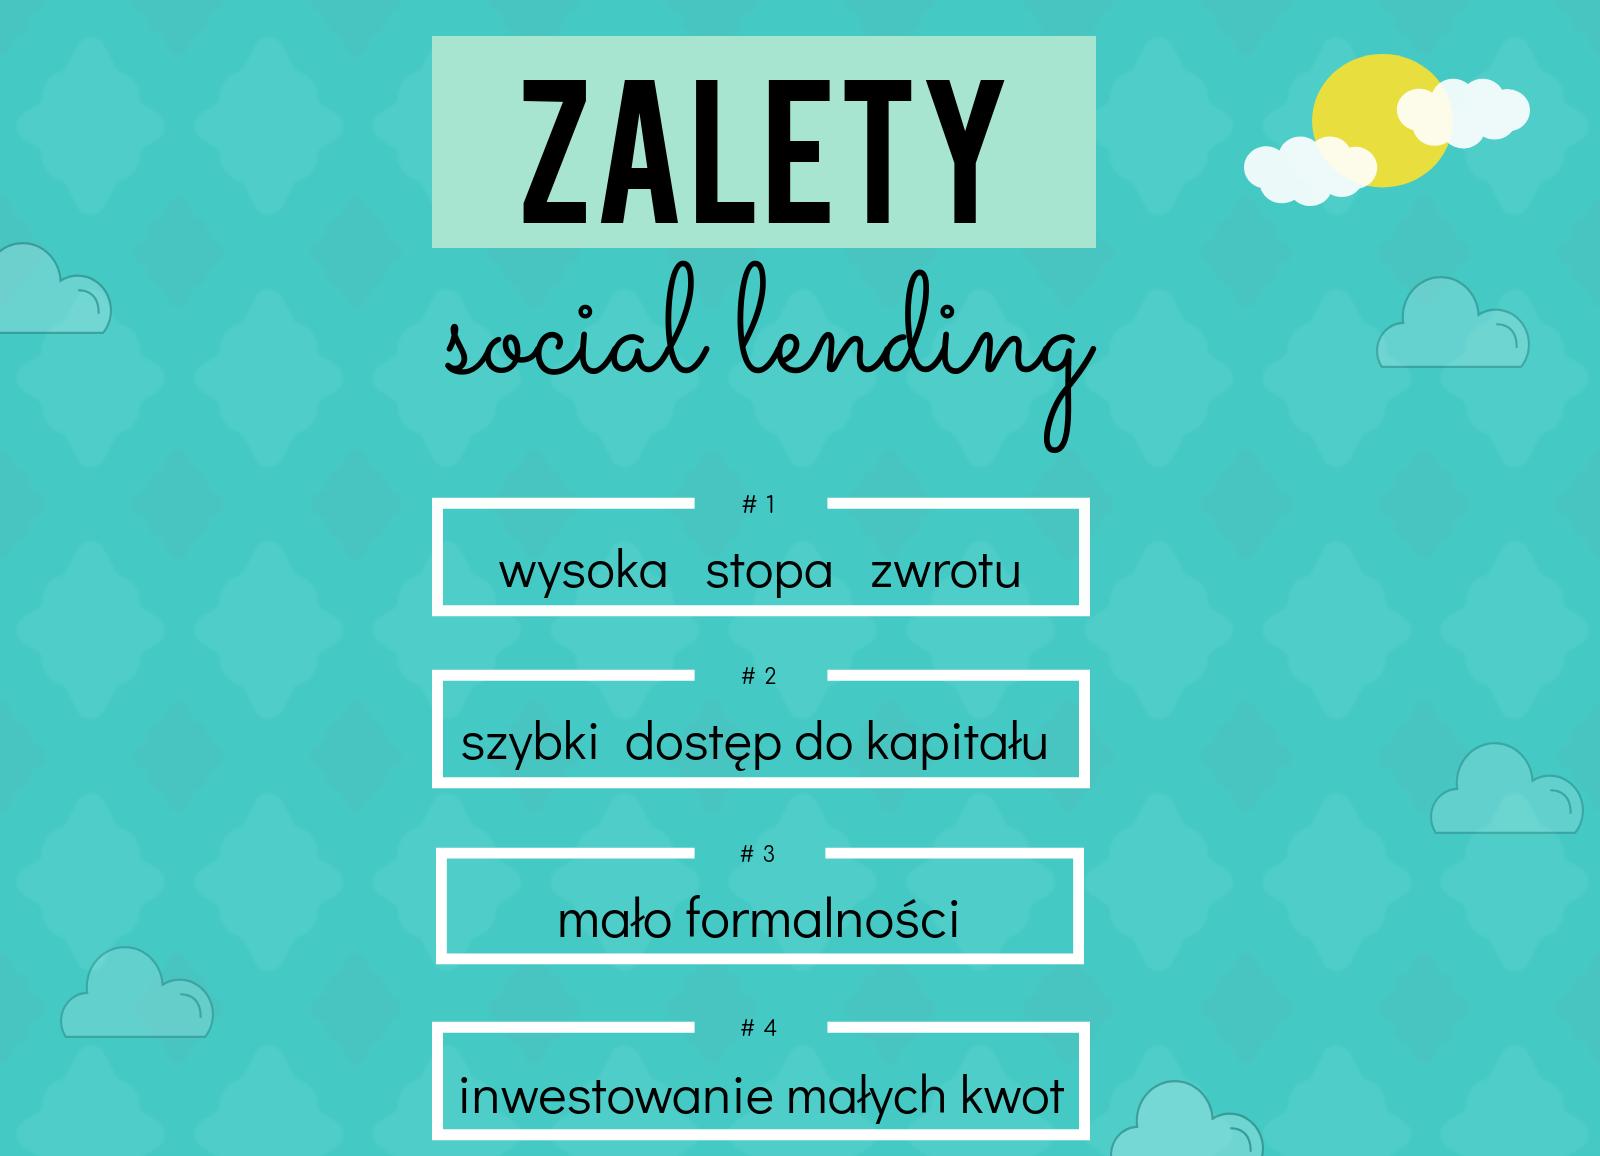 zalety social lending Social lending, pożyczki społecznościowe: czego nie wiecie o inwestowaniu?